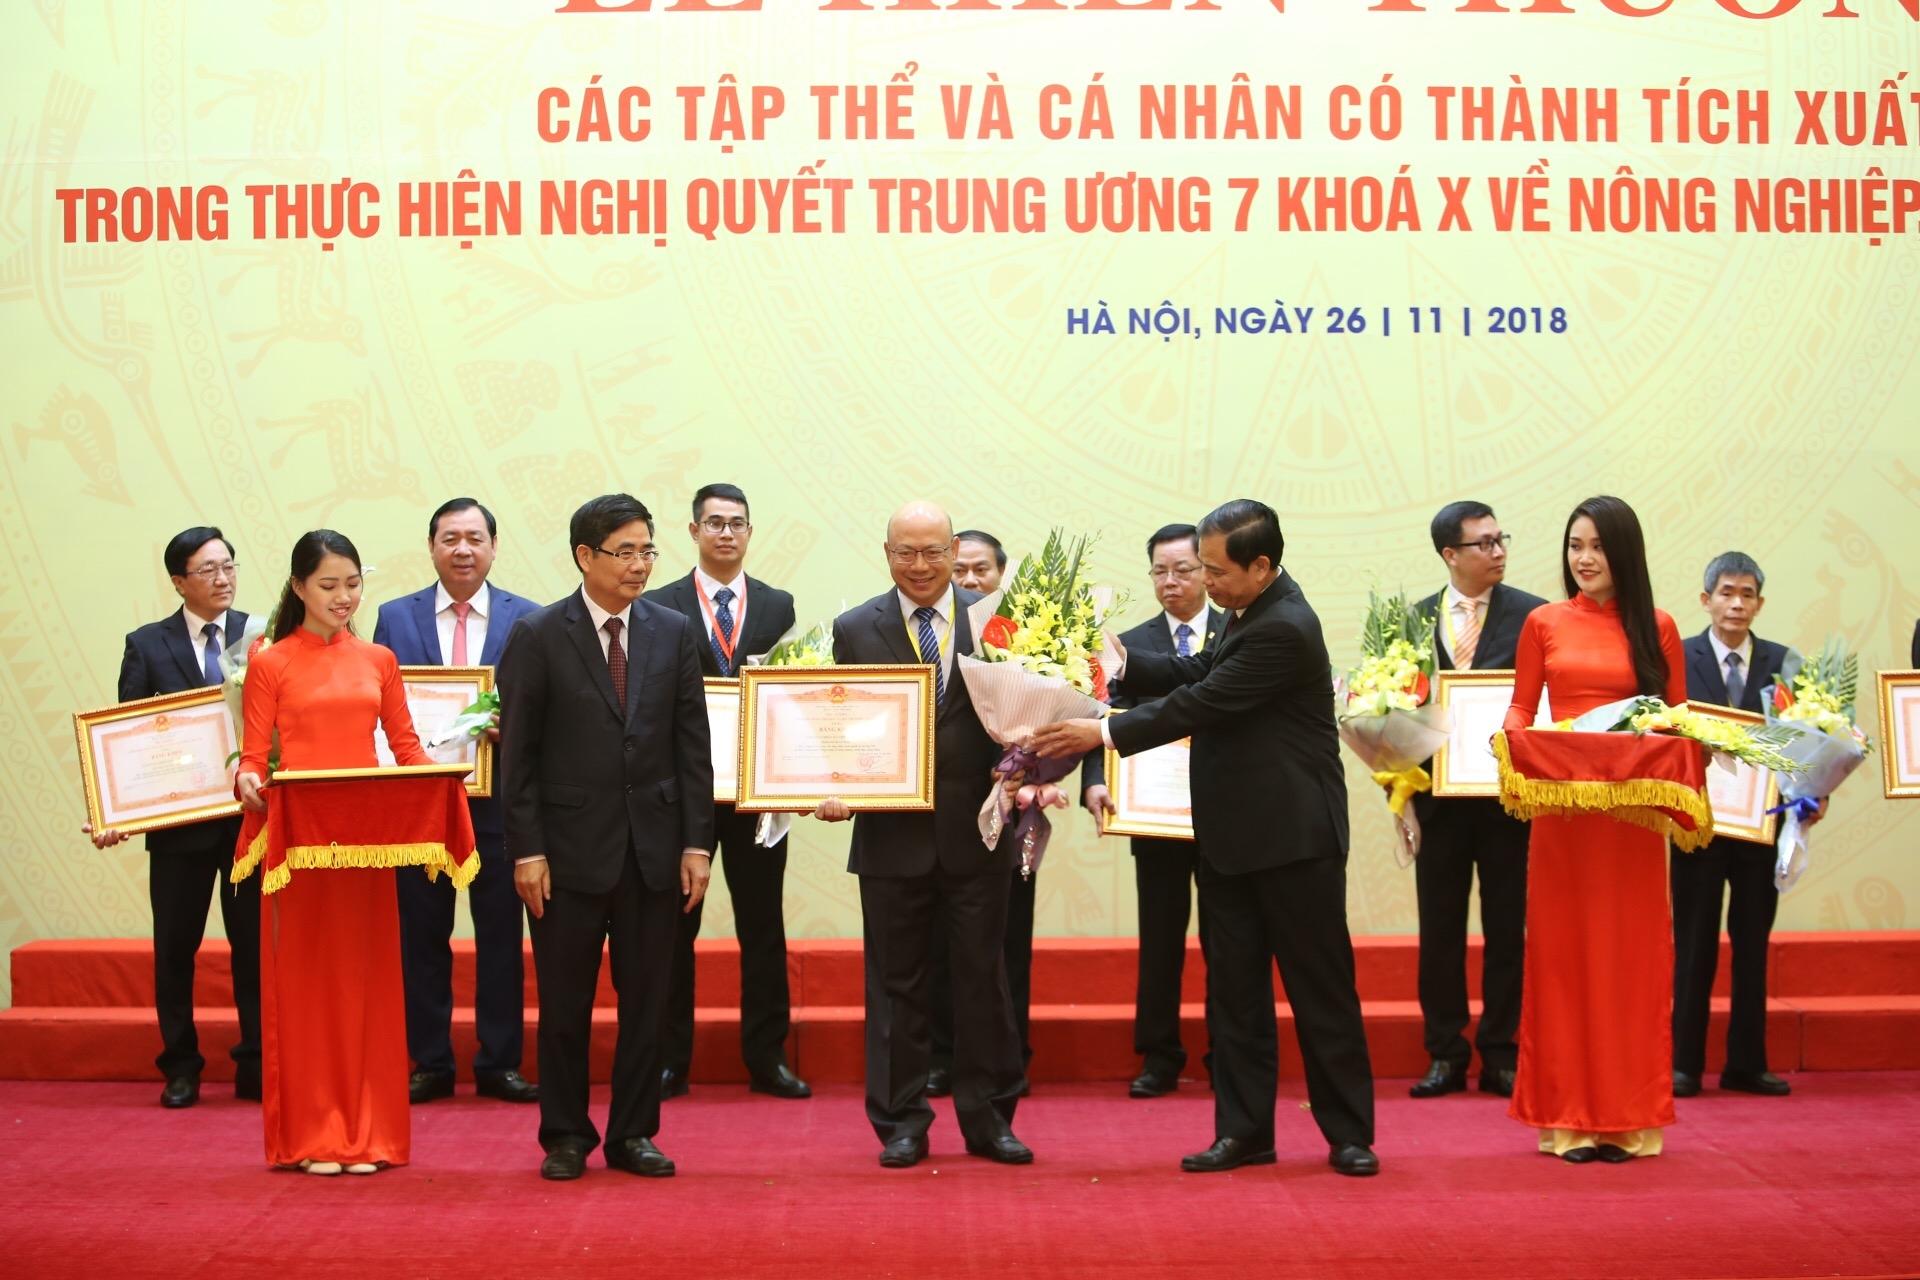 Vinamilk nhận bằng khen của Thủ tướng về phát triển tam nông bền vững - Ảnh 1